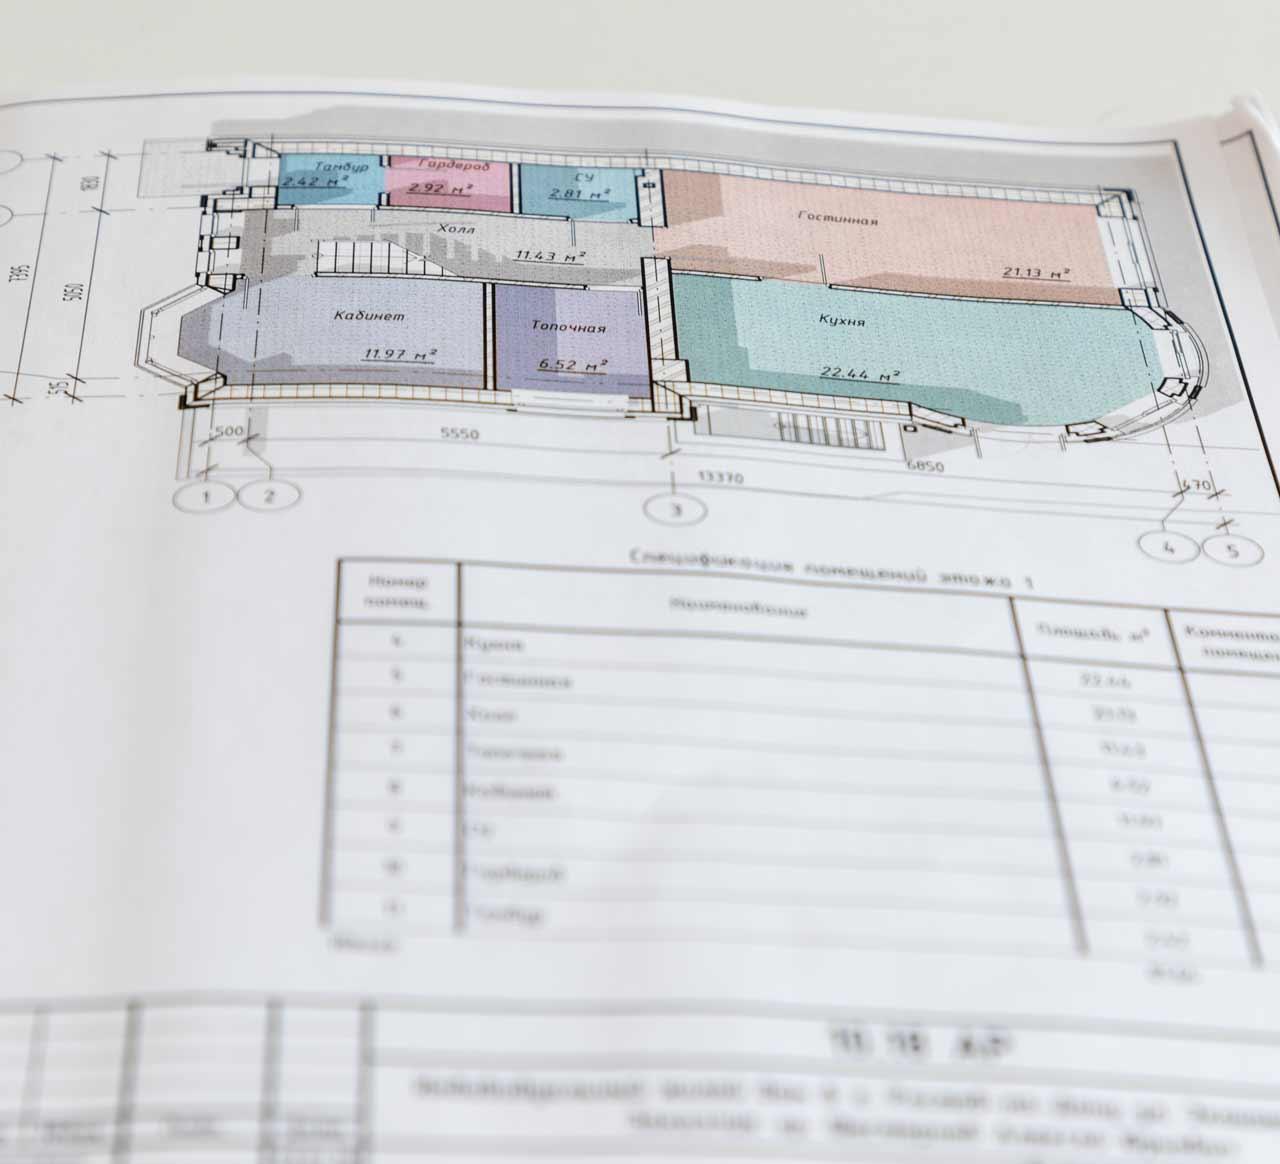 Схематичная планировка дома не позволяет качественно построить дом